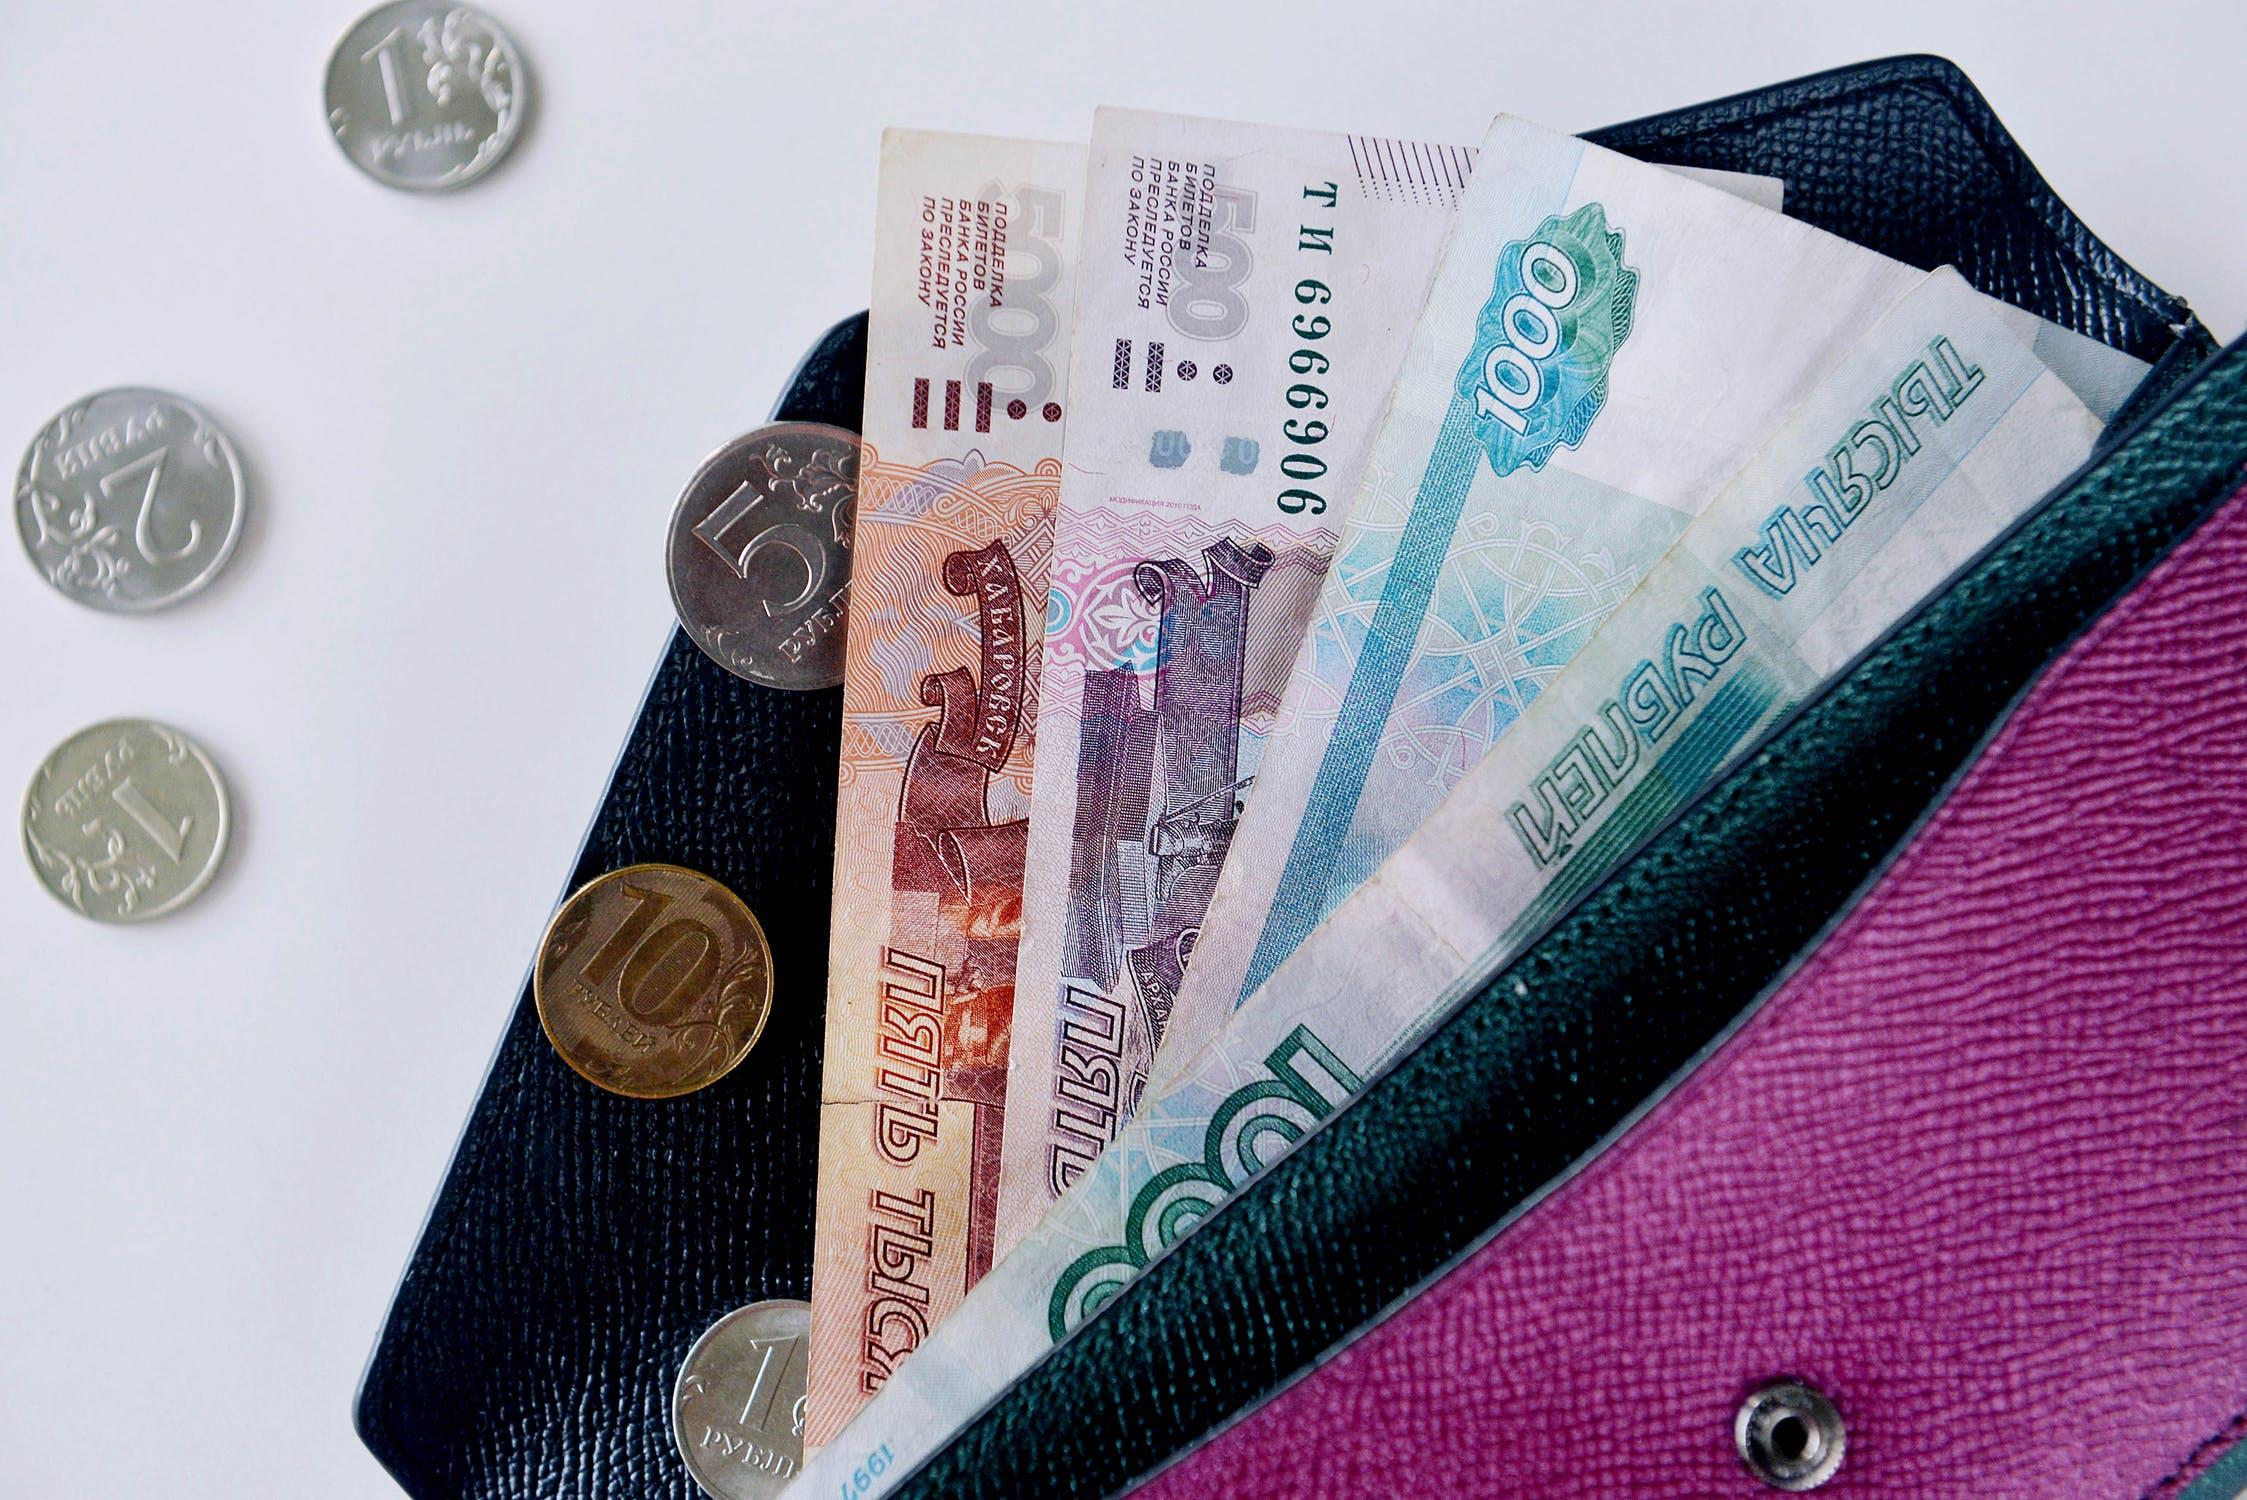 Альтернативой сдерживанию цен должна стать адресная поддержка бедных россиян — Кудрин